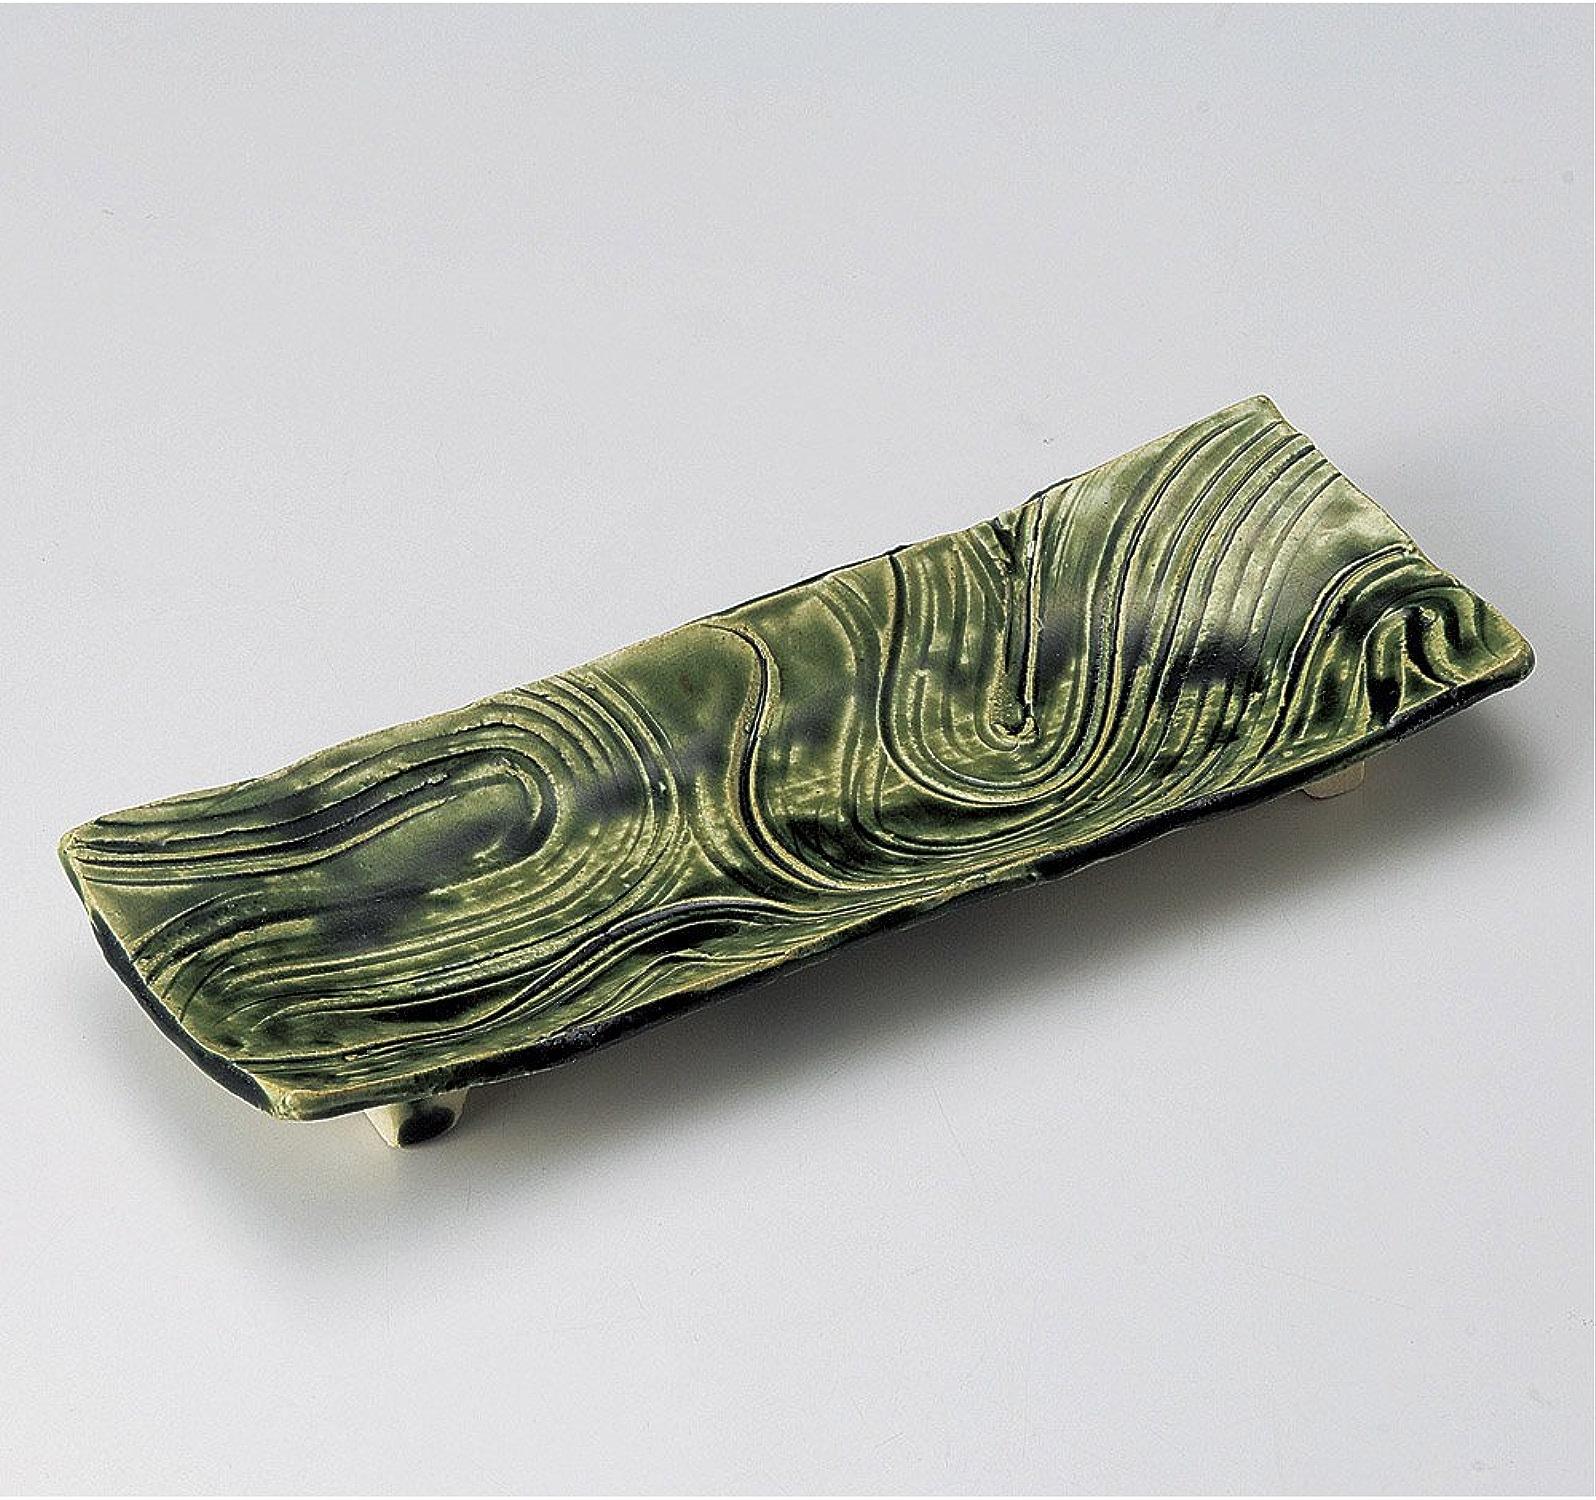 Tissage Plat Long Peigne long Plat Rectangulaire [29x 11.5x 3cm] Argile fait à la main. 415G plaques Plat japonais traditionnel Oriental asiatique